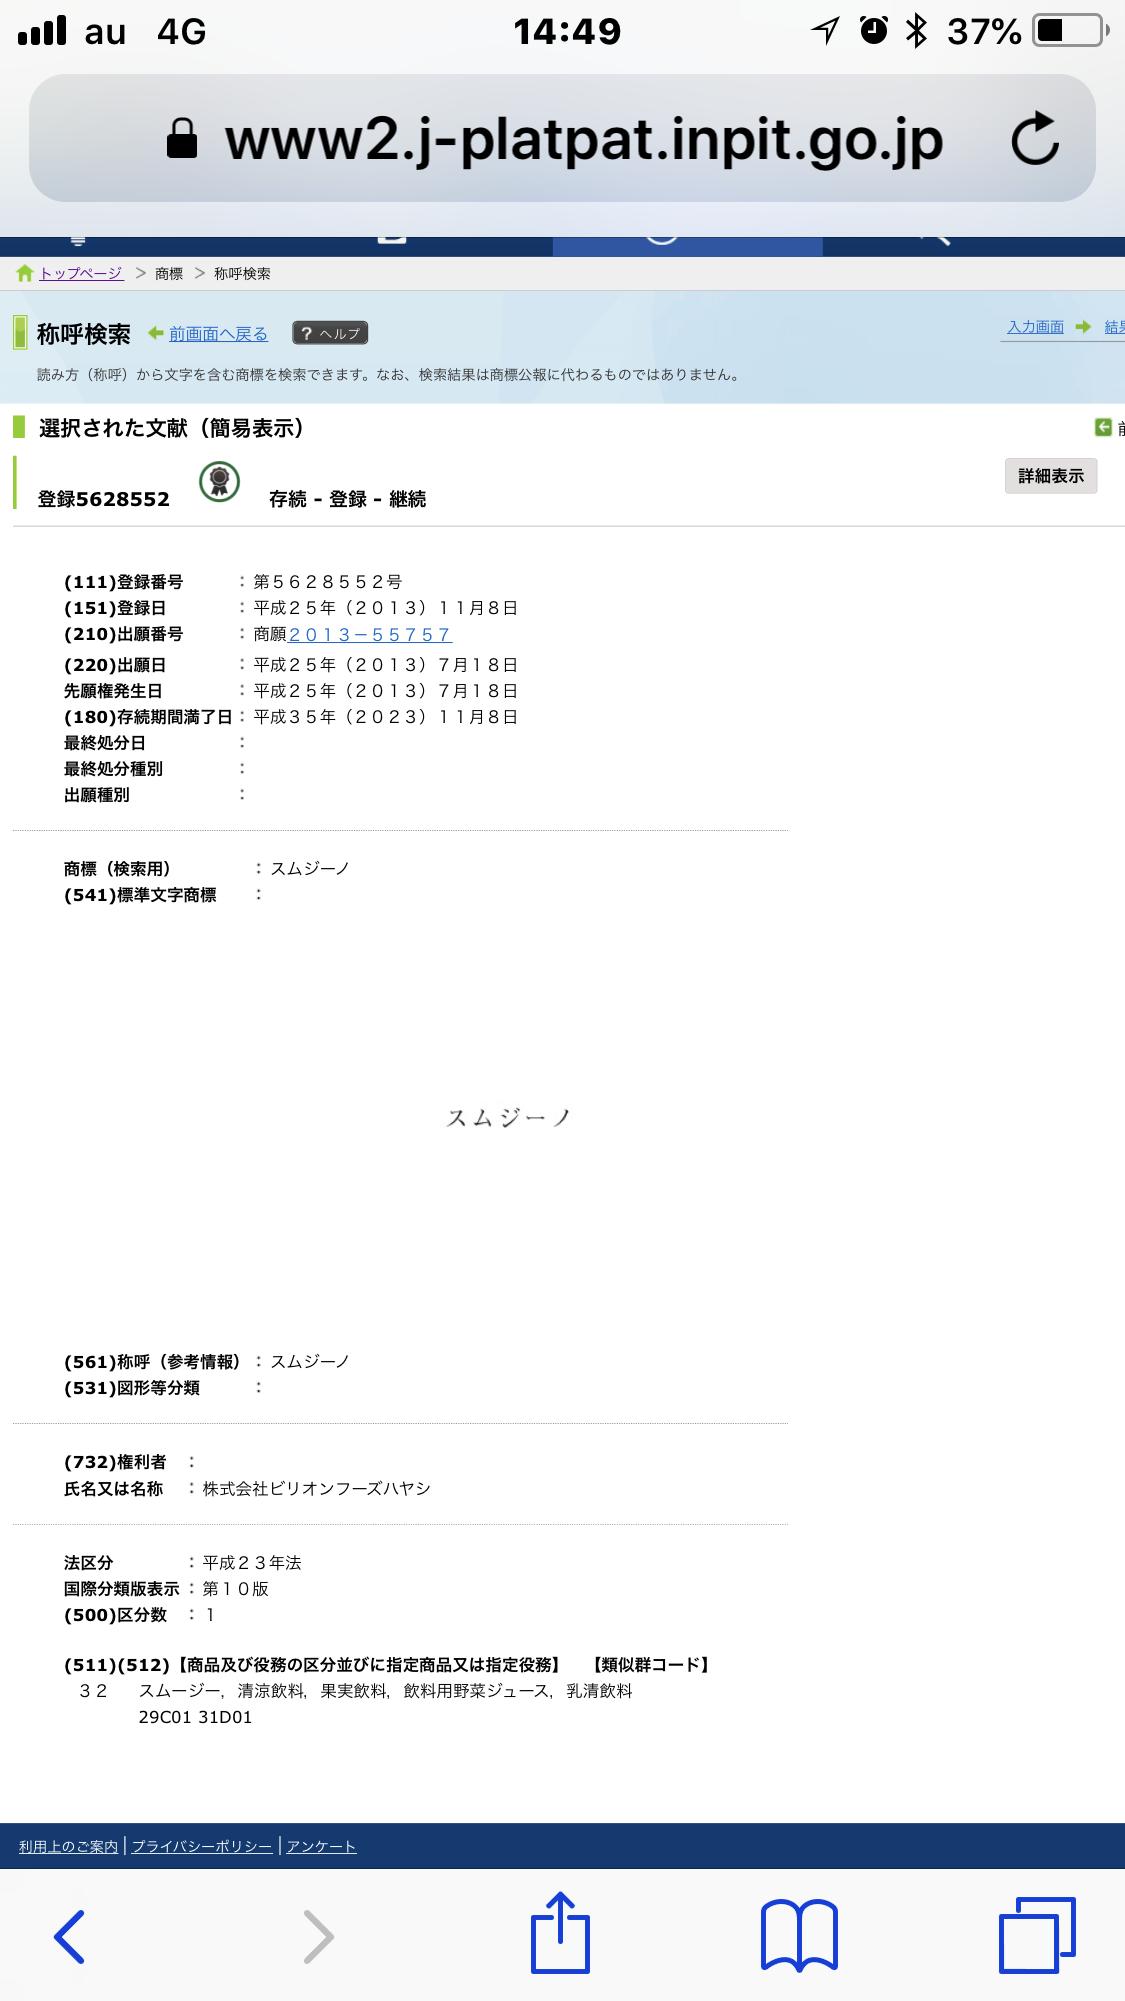 E6F14EC0-C446-4D0A-B1AD-B22C0B25991D